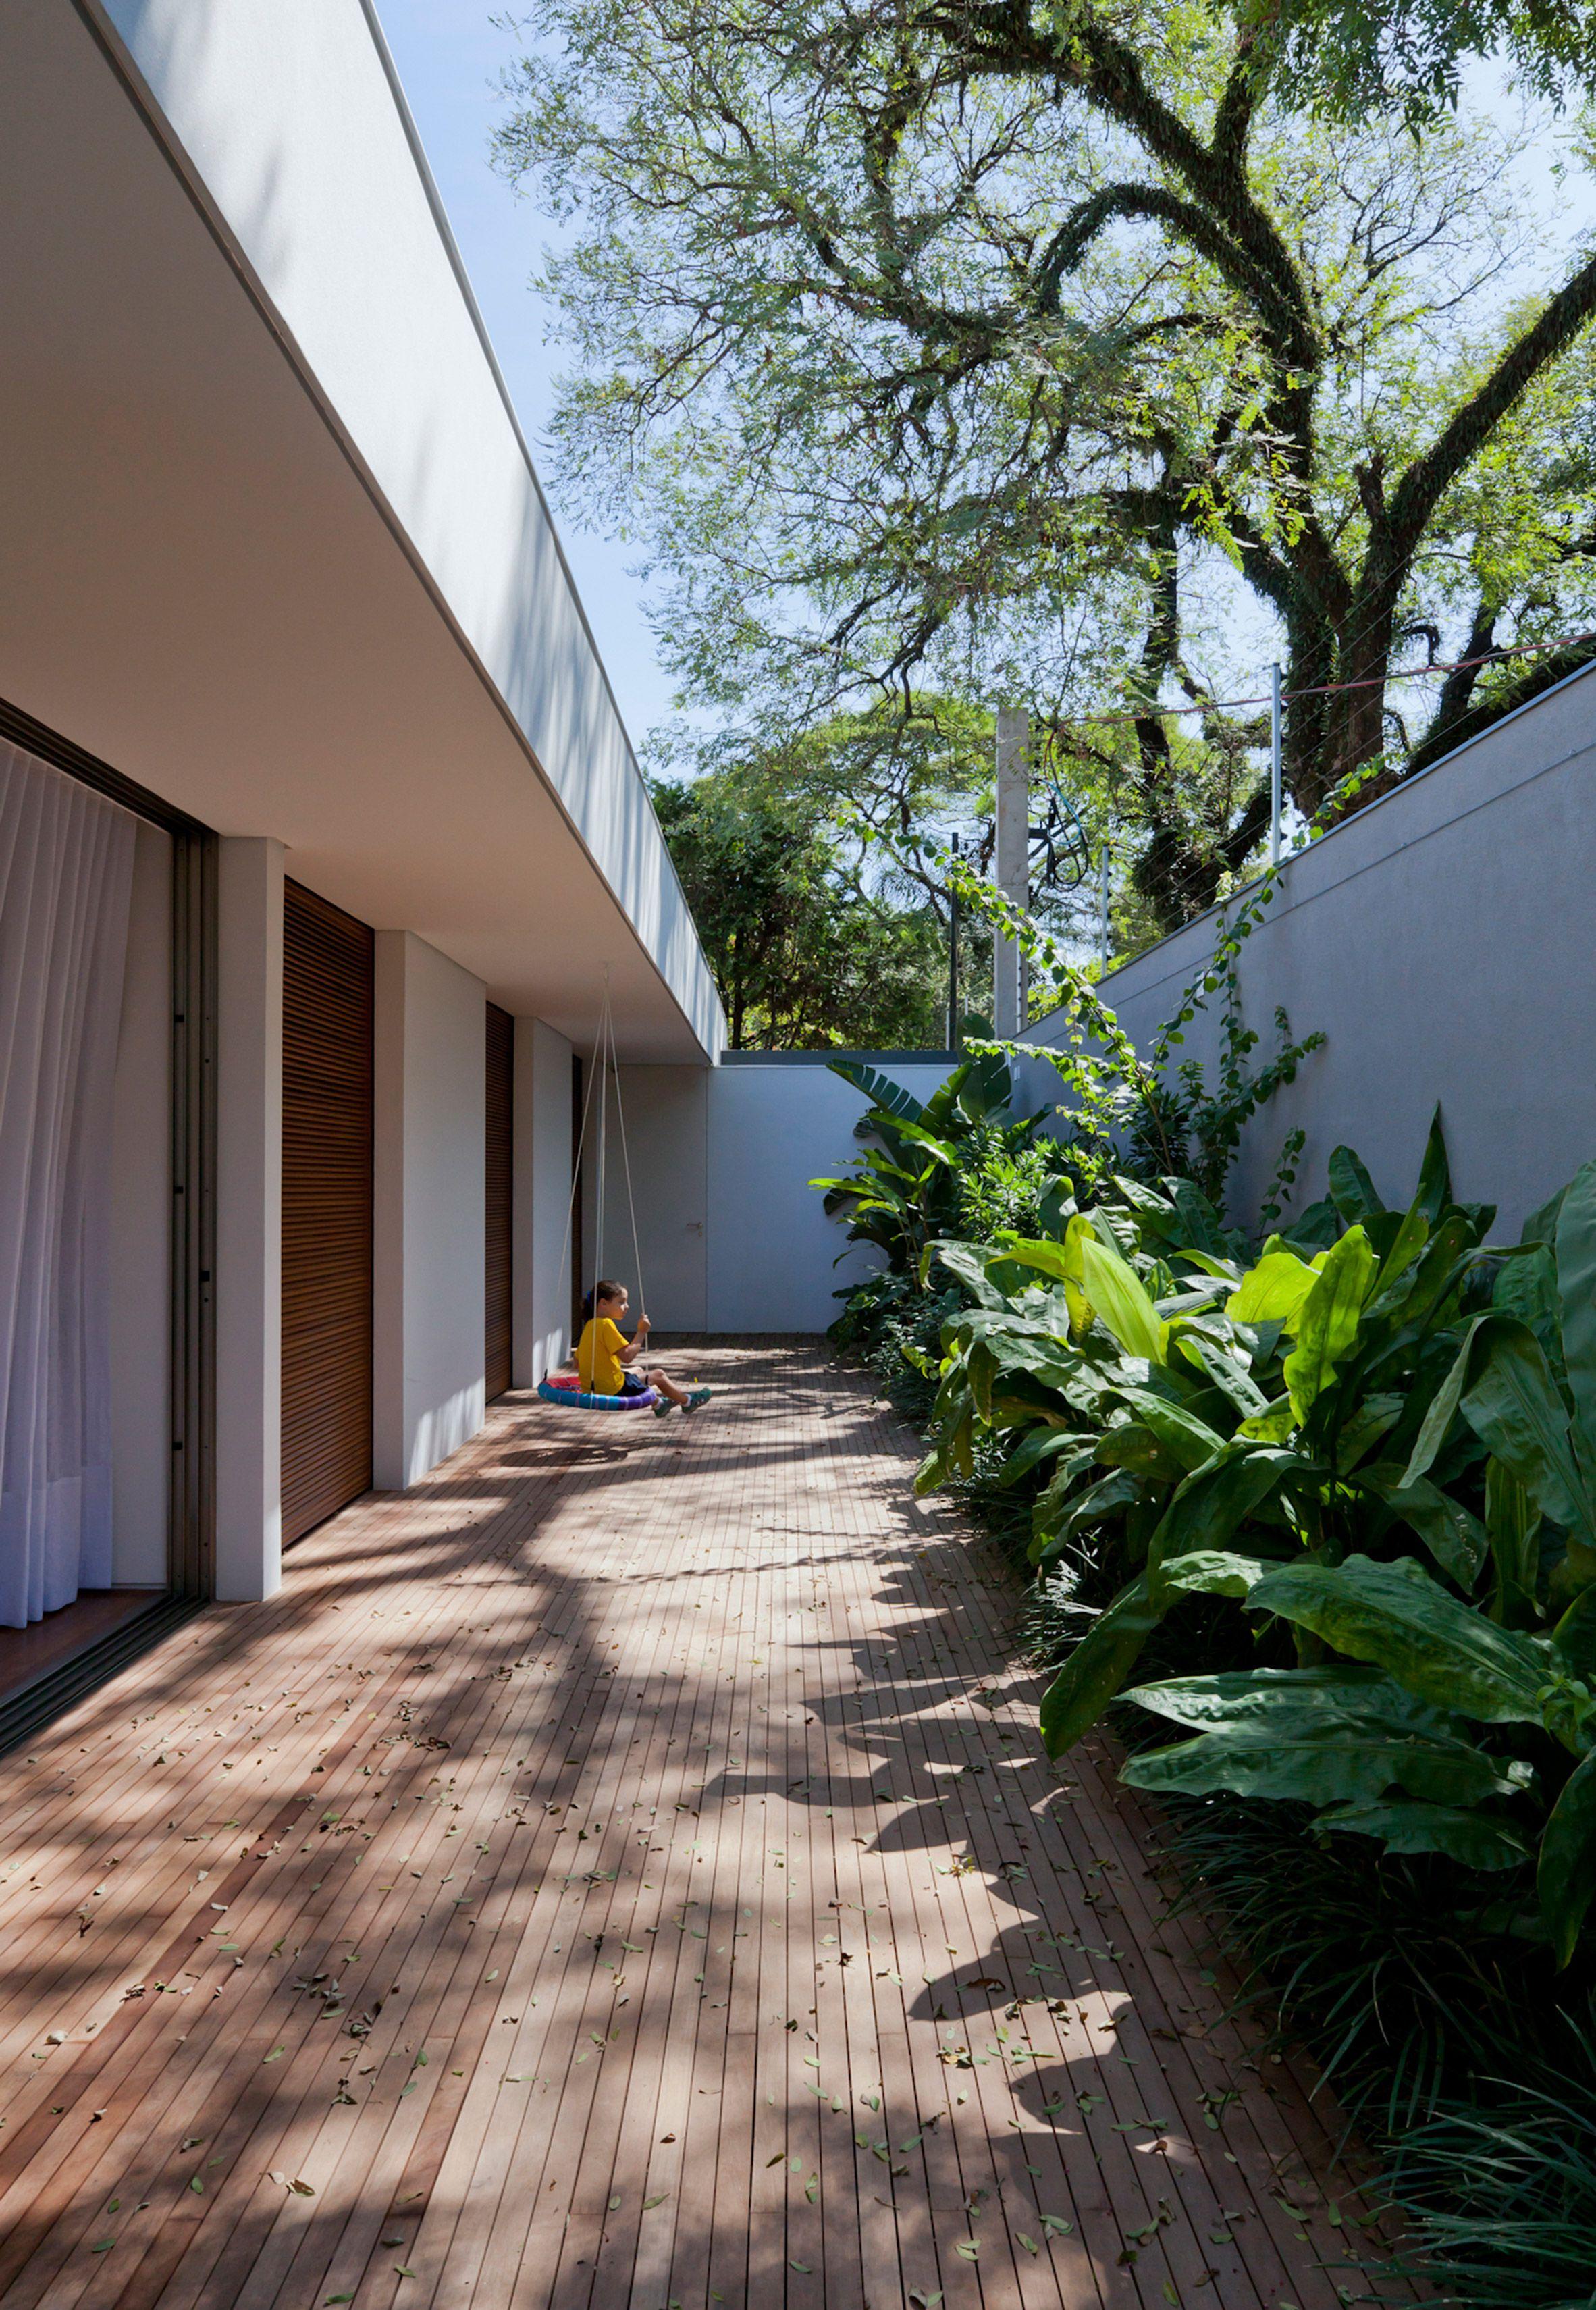 Casa Alto de Pinheiros by AMZ Arquitetos | Patio design ... on Hhh Outdoor Living id=35649